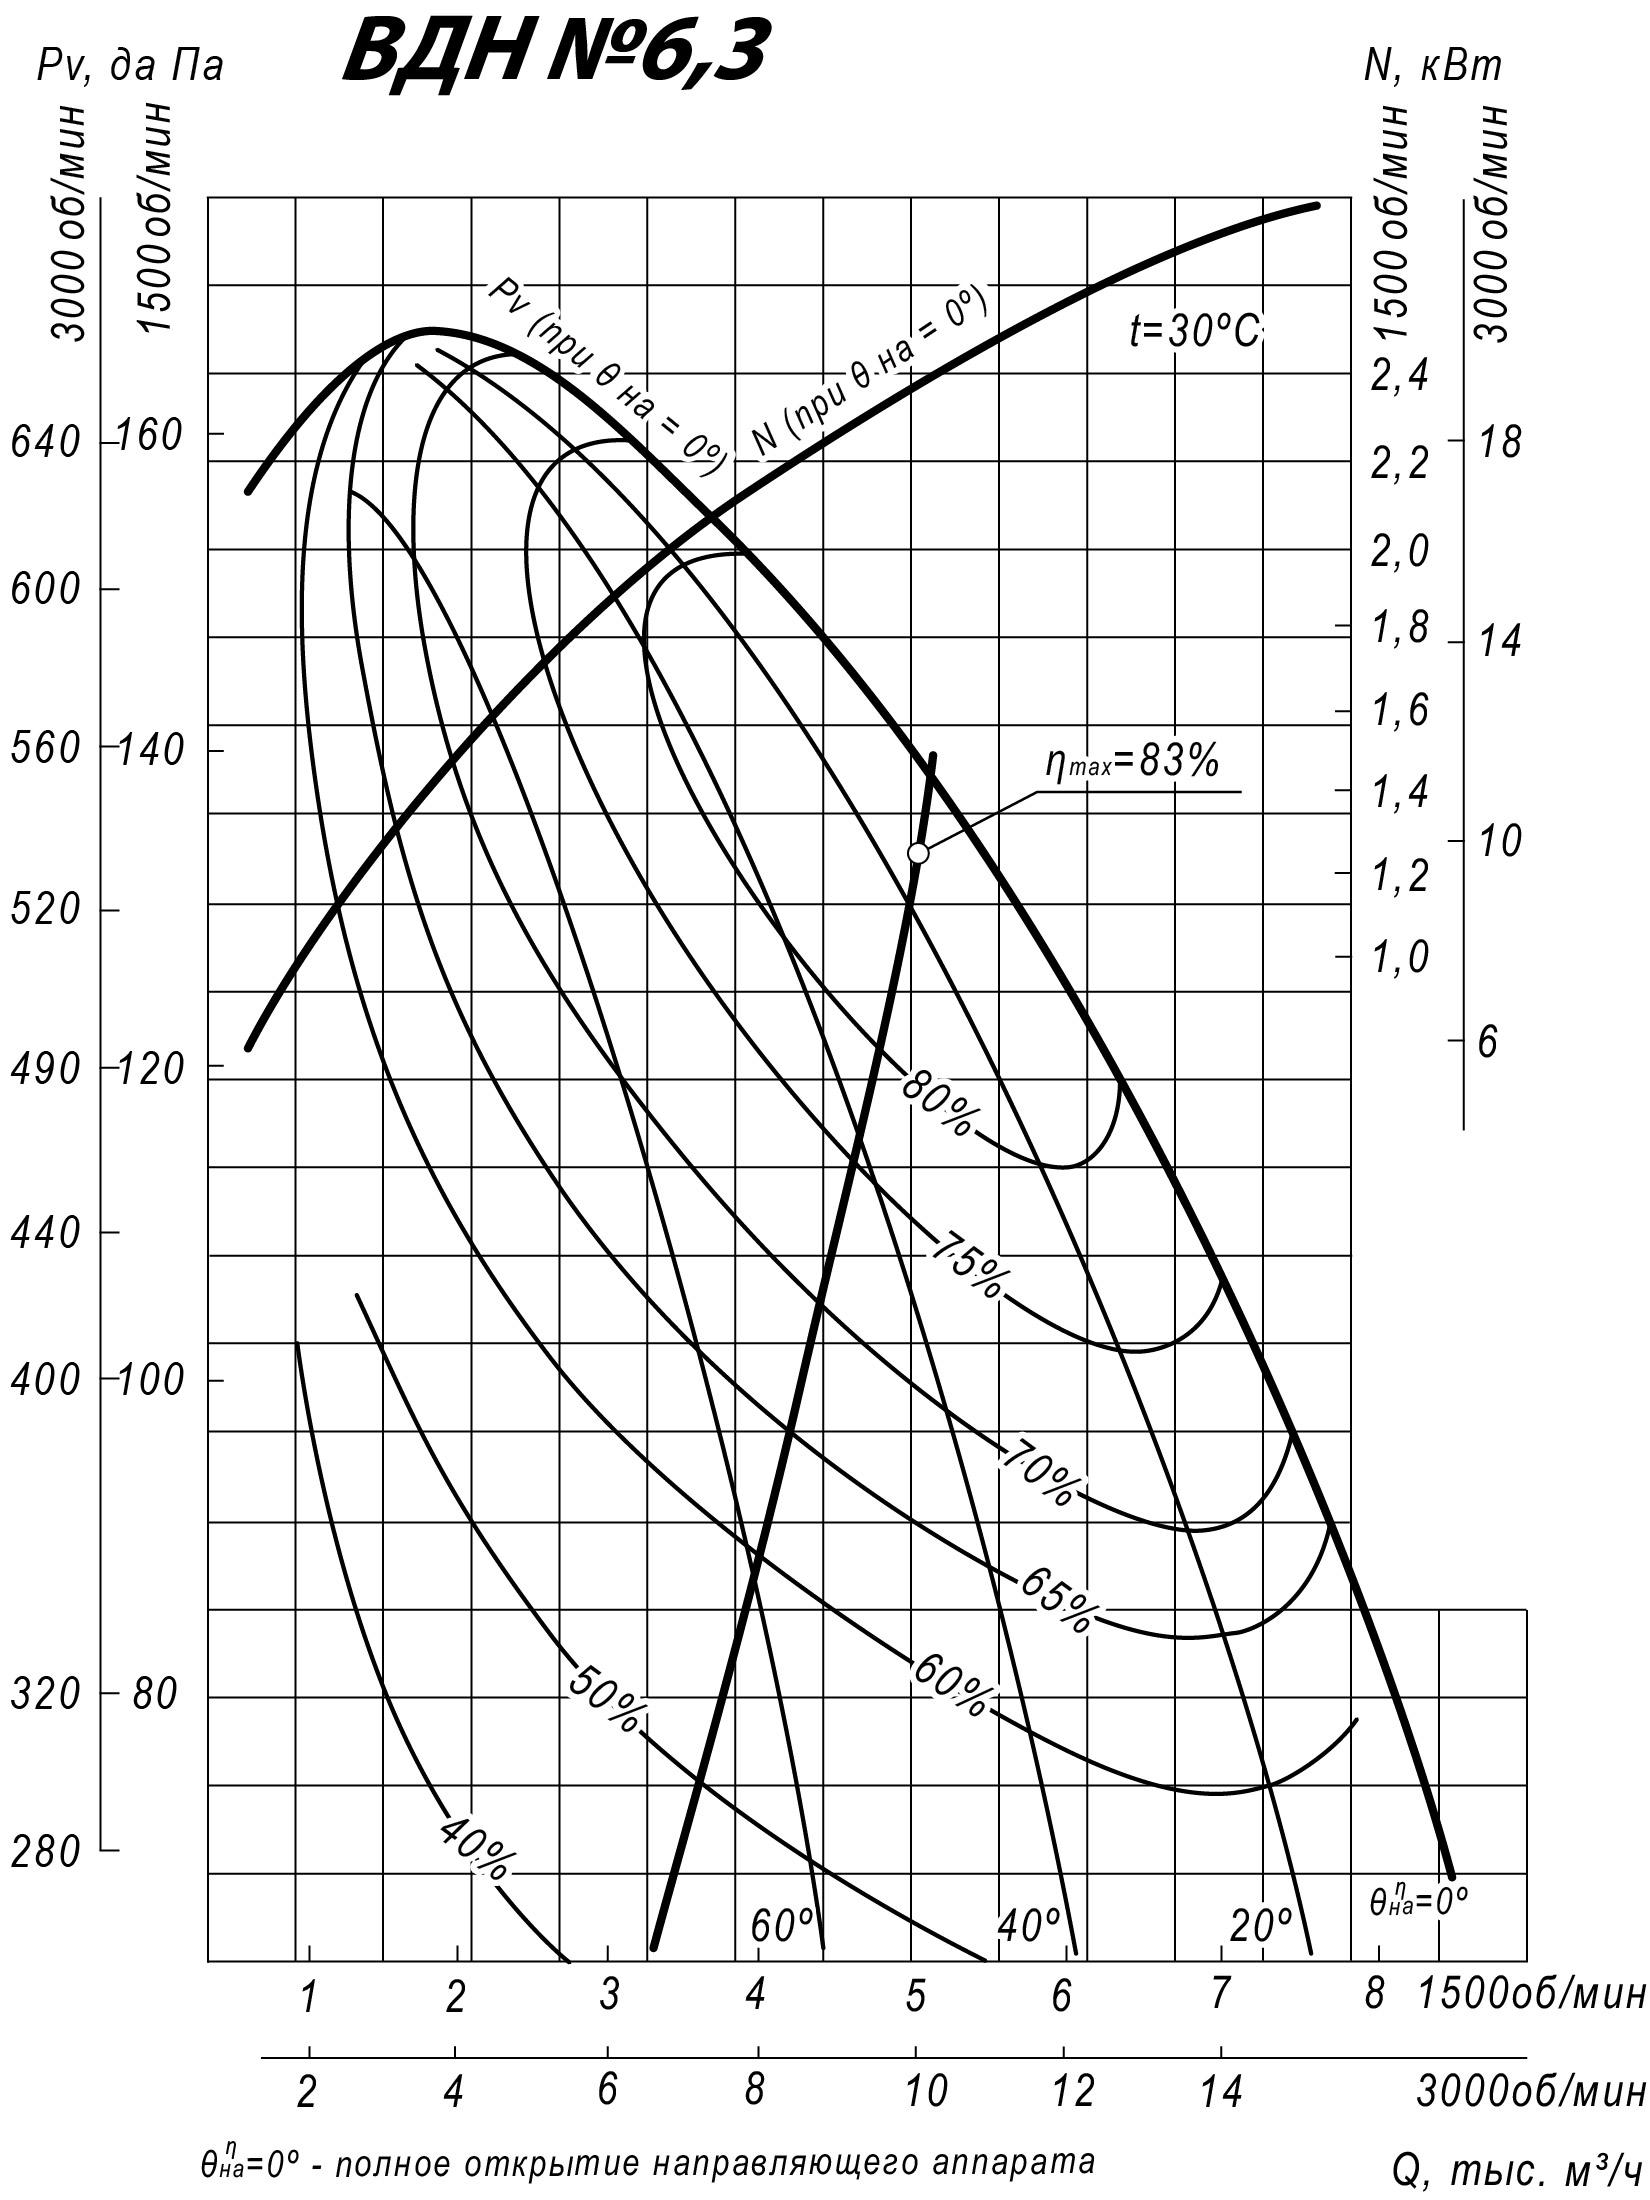 Аэродинамические характеристики ВДН-6,3